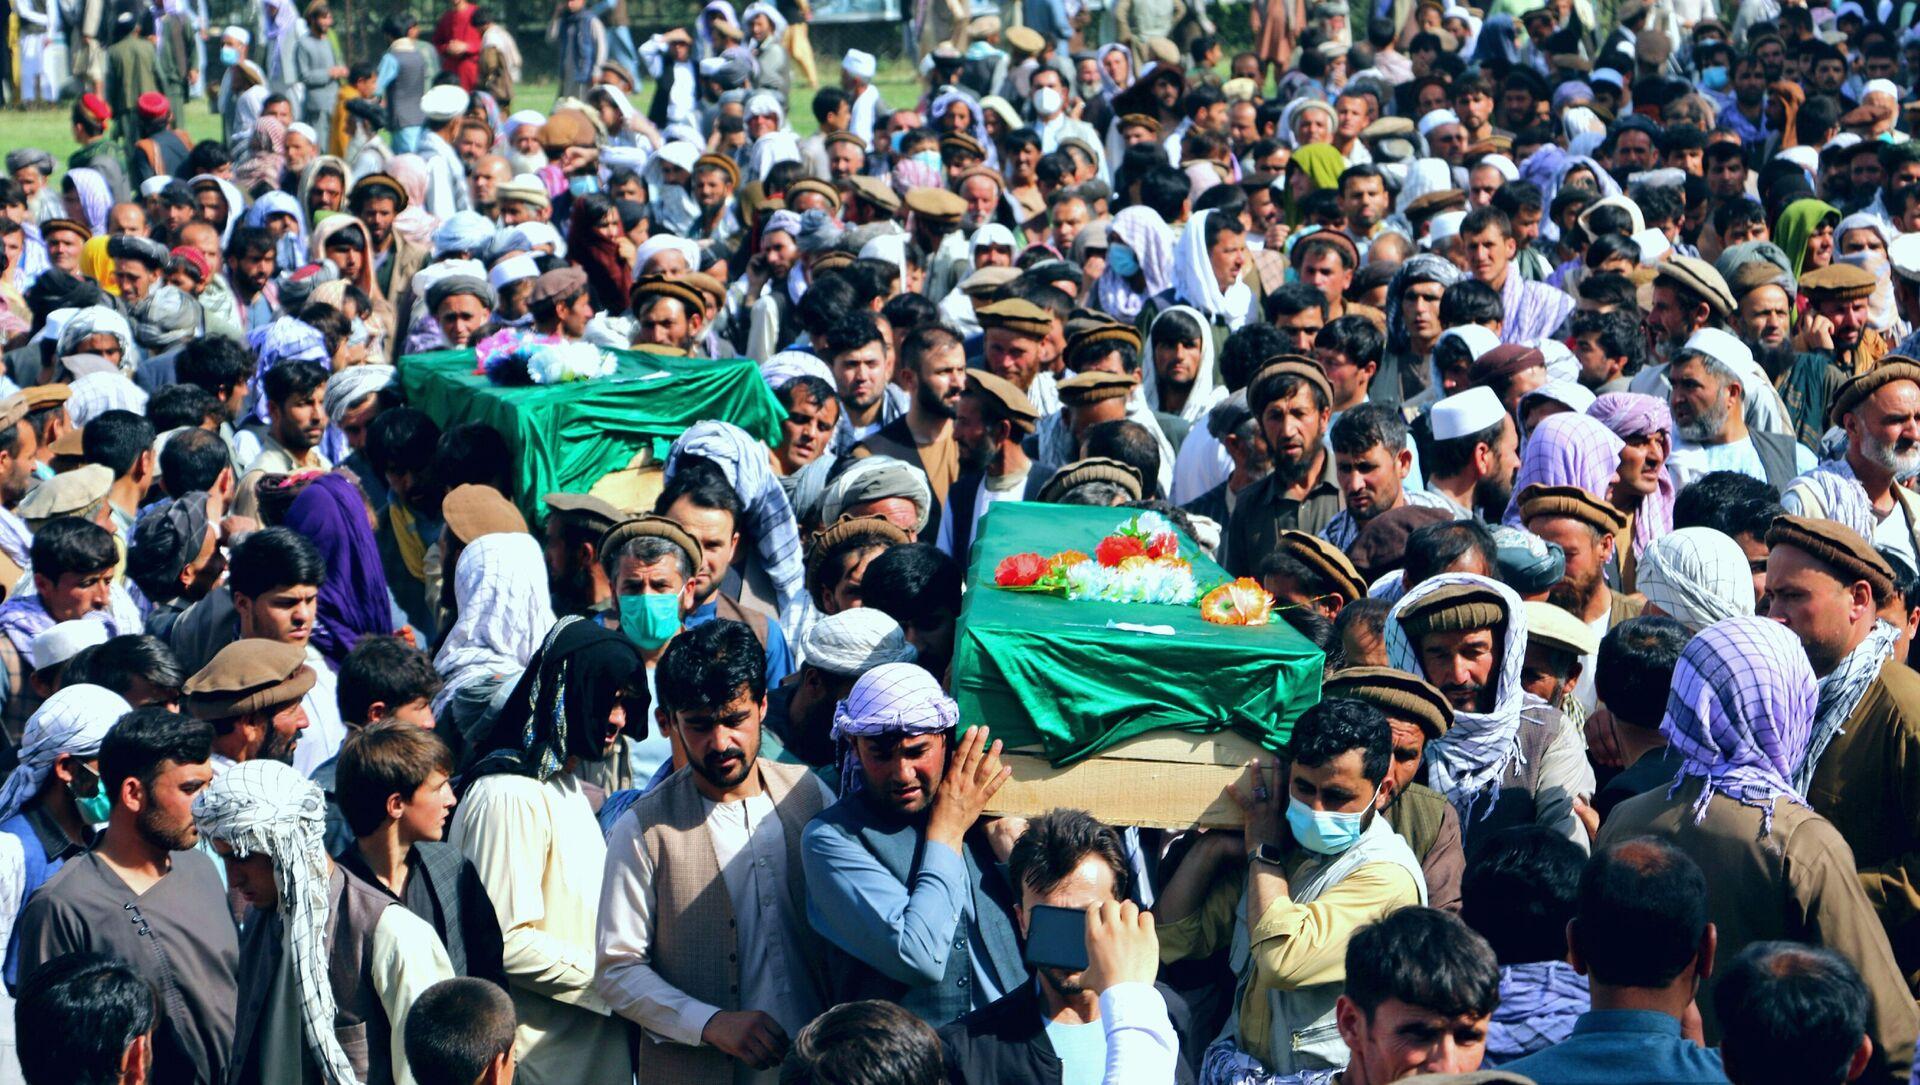 Потресна авганистанска свакодневица: Сахрана цивила после сукоба талибана и безбедносних снага - Sputnik Србија, 1920, 06.07.2021